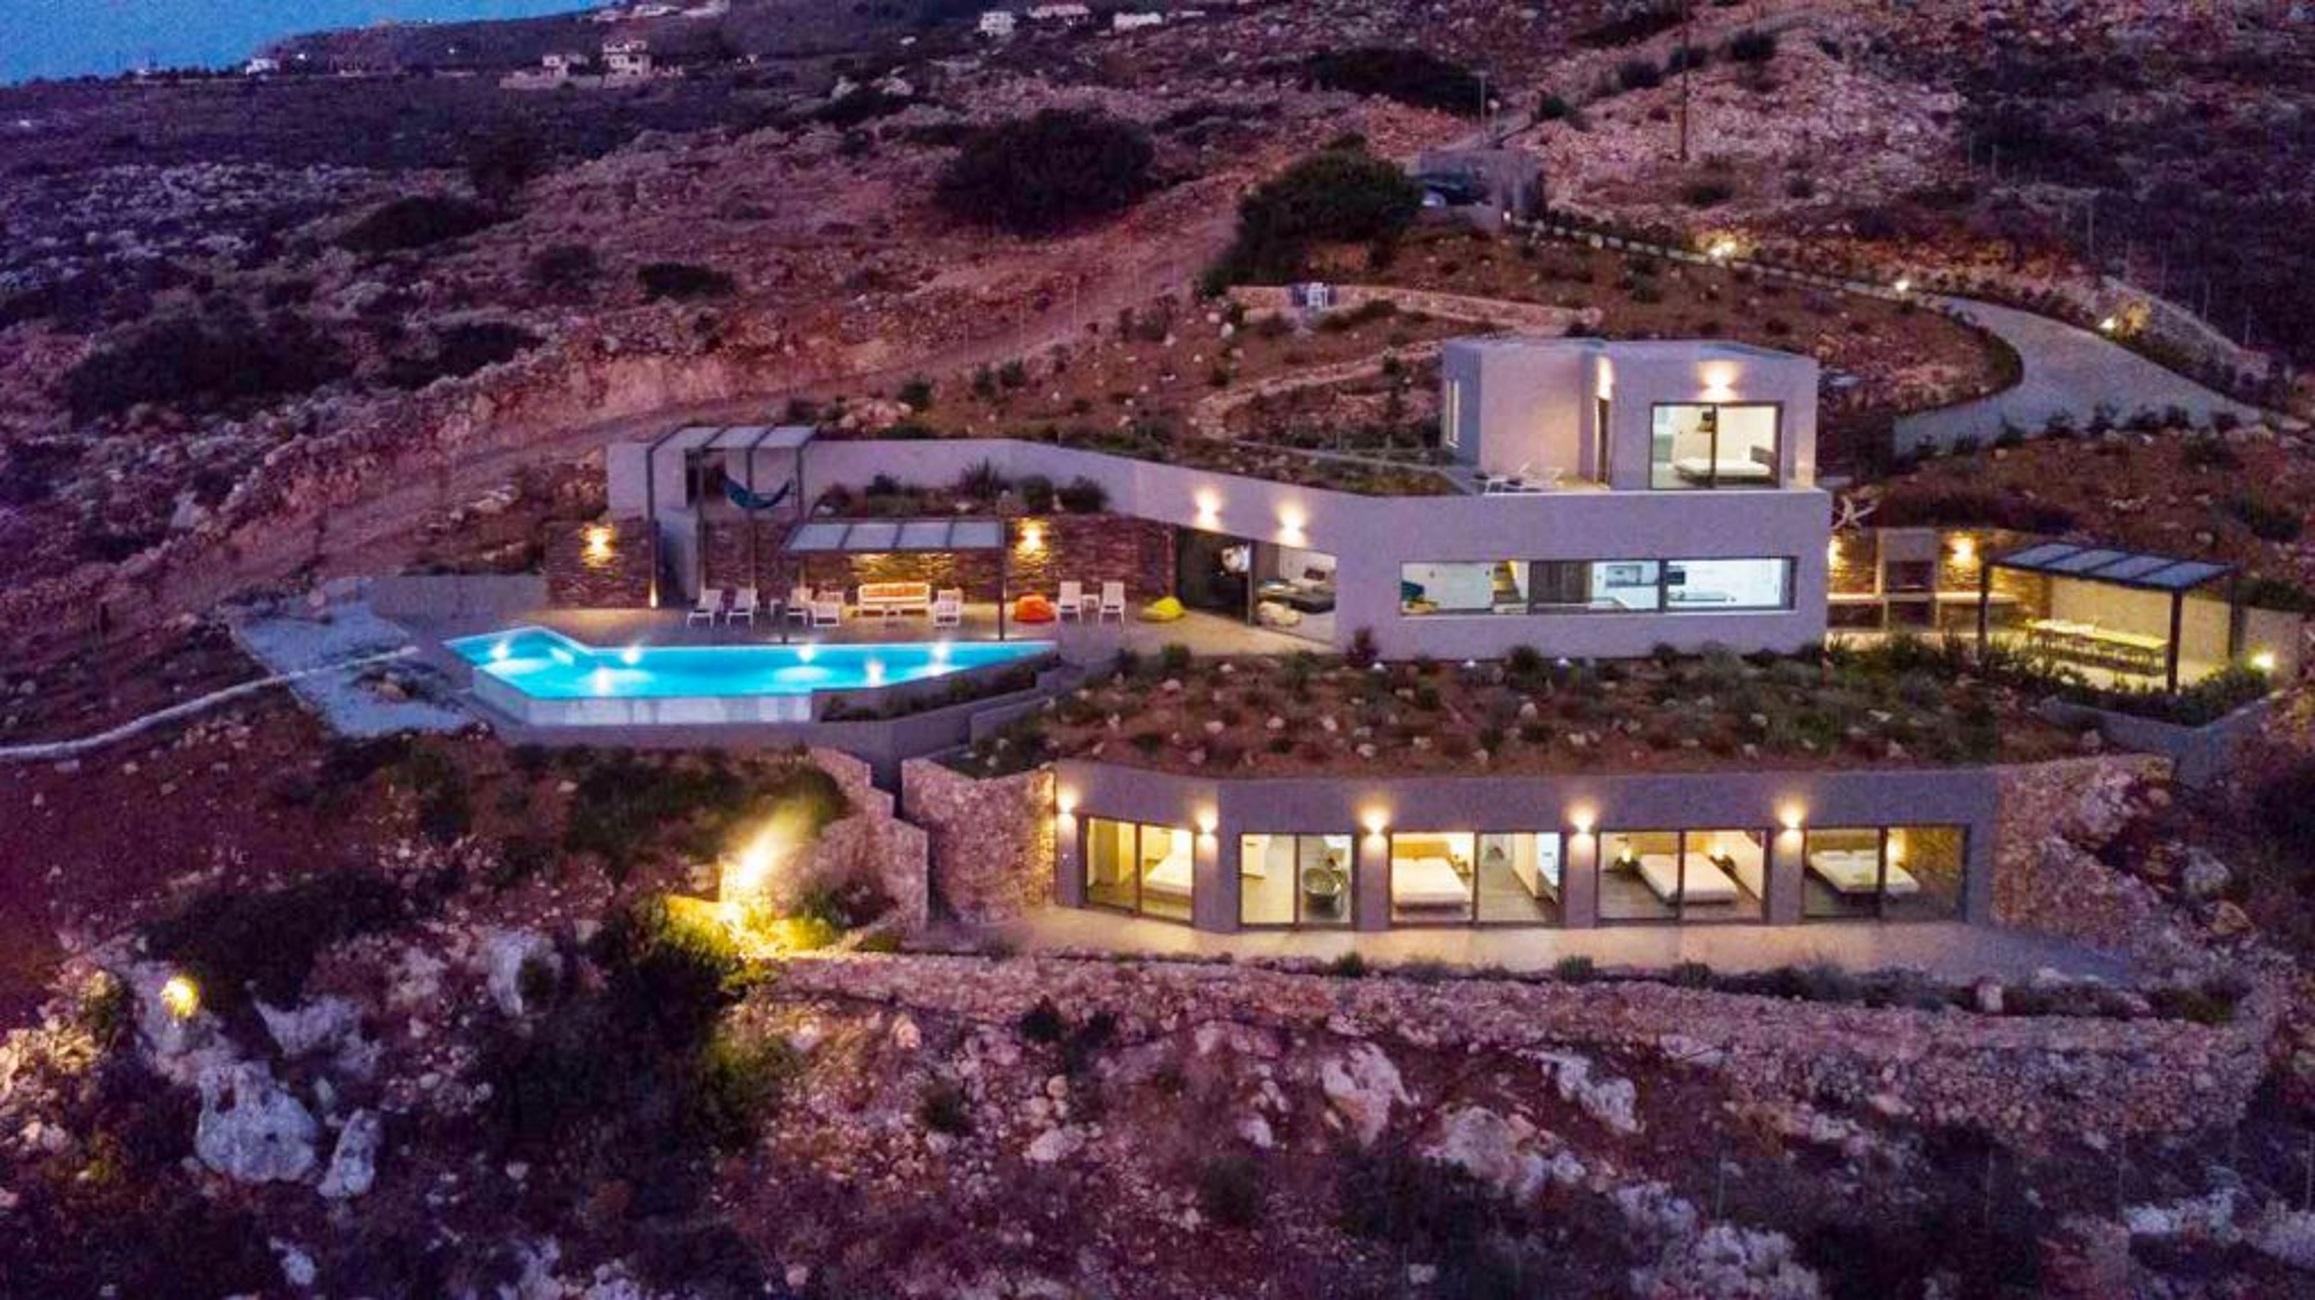 Κρήτη: Το παλάτι των 2.800.000 ευρώ! Μπαίνουμε στο εσωτερικό της εκθαμβωτικής βίλας των τριών επιπέδων (Φωτό)